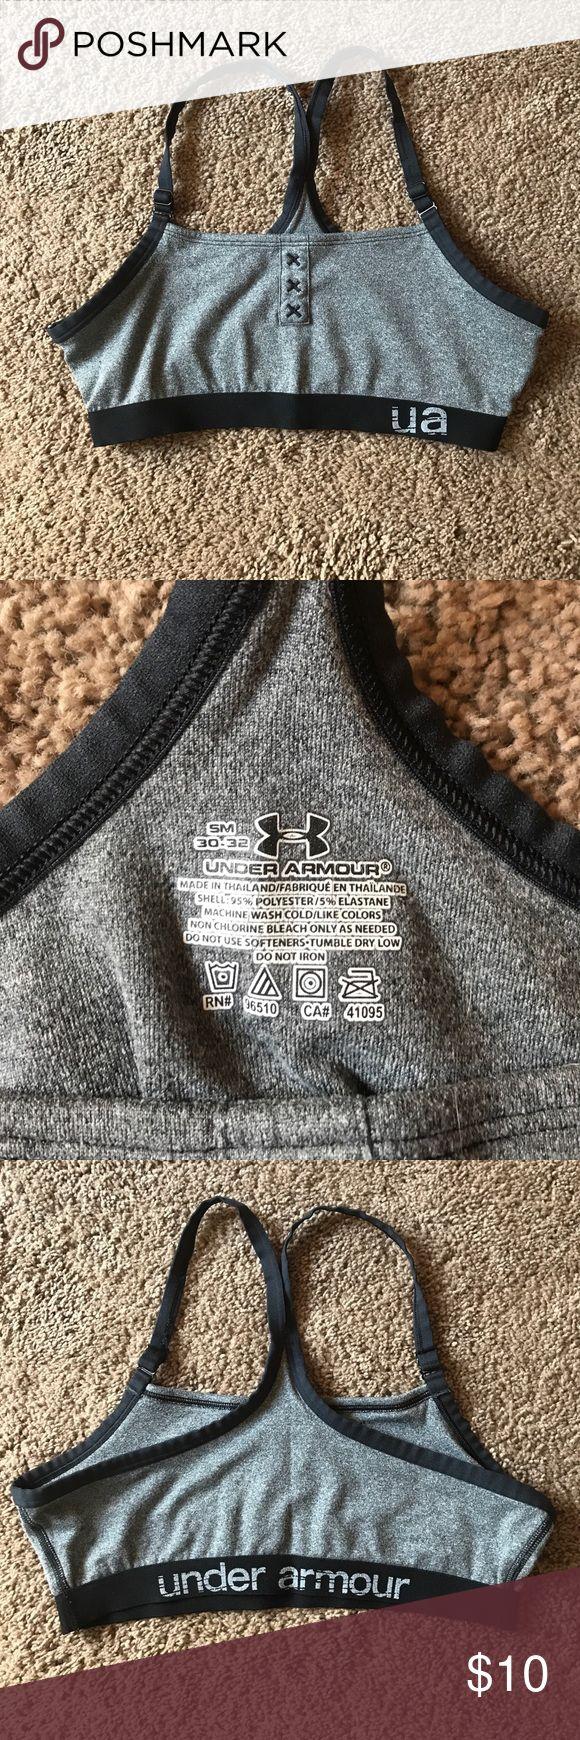 Women's sports bra Women/young women's Under Armour sports bra, used like new. Under Armour Intimates & Sleepwear Bras